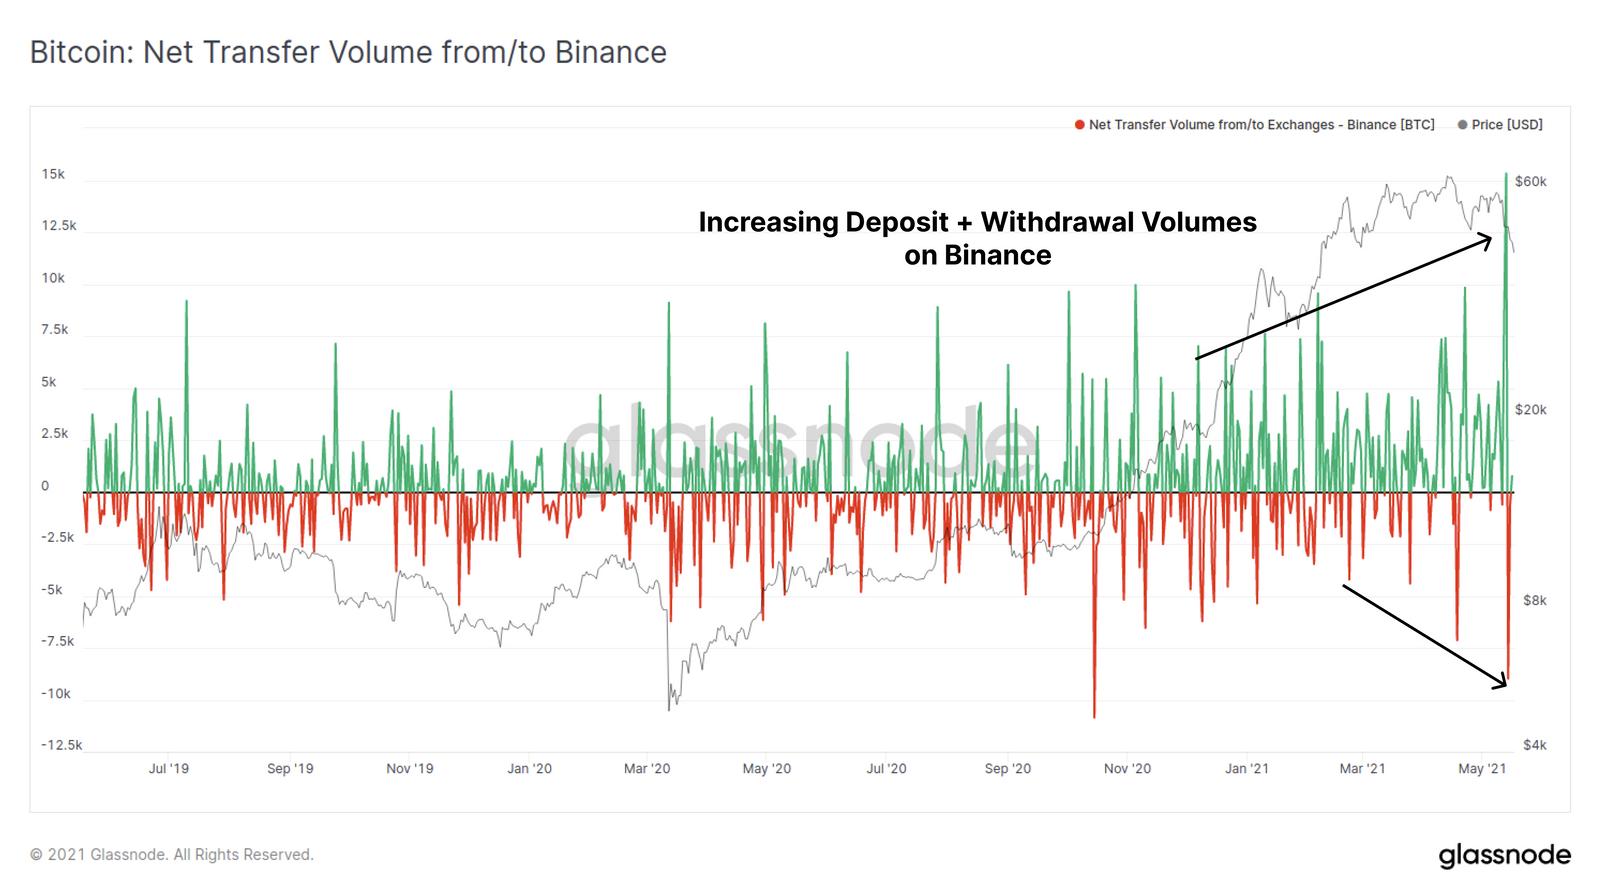 Biểu đồ khối lượng Bitcoin chuyển ròng vào/ra sàn giao dịch Binance